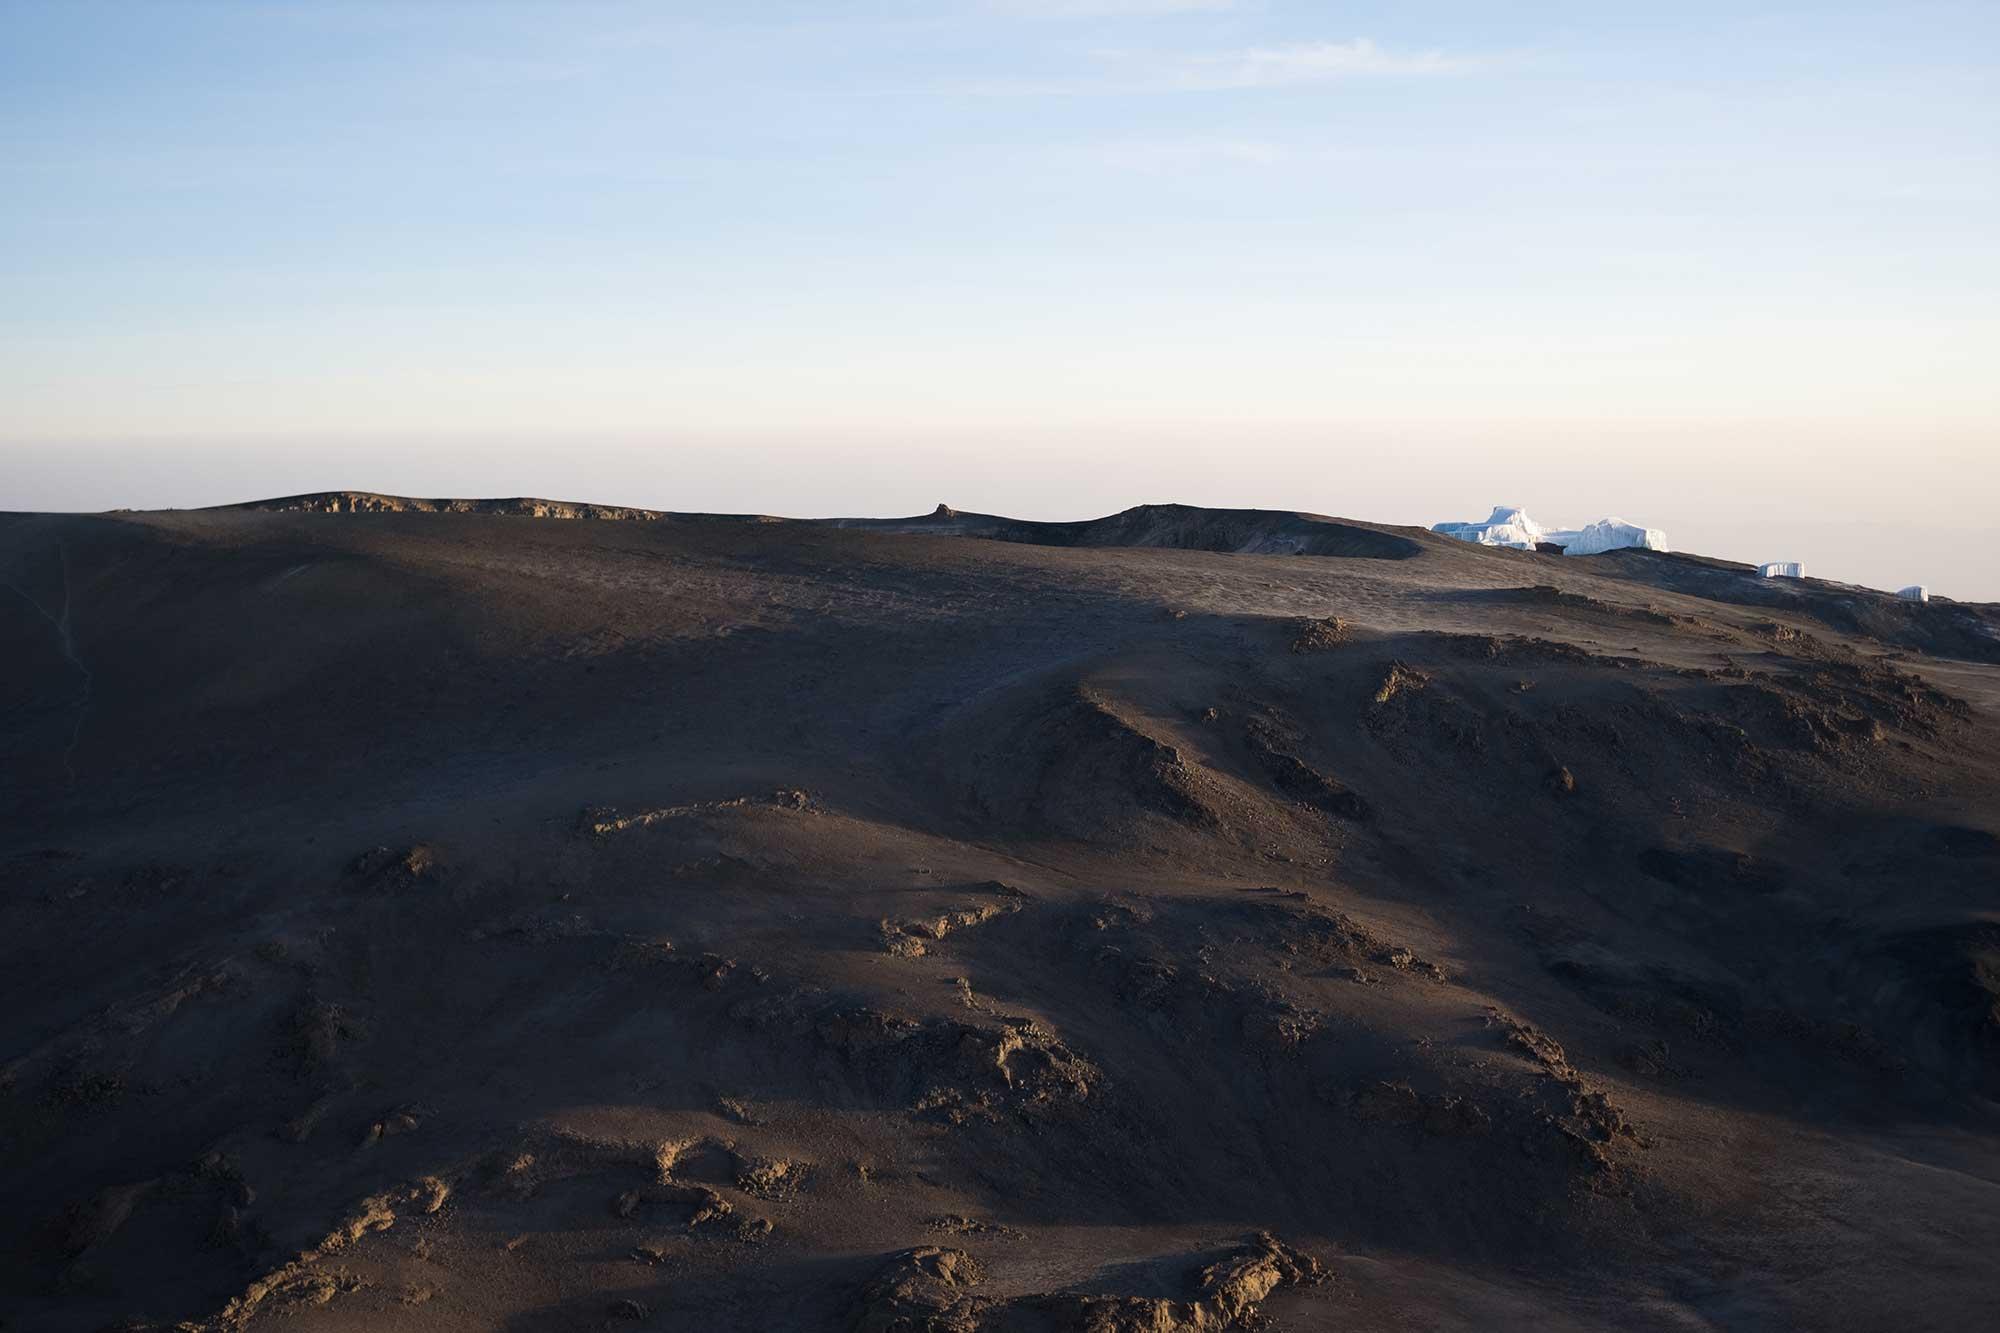 D7-28-crater-rim-right-kilimanjaro-summit.jpg